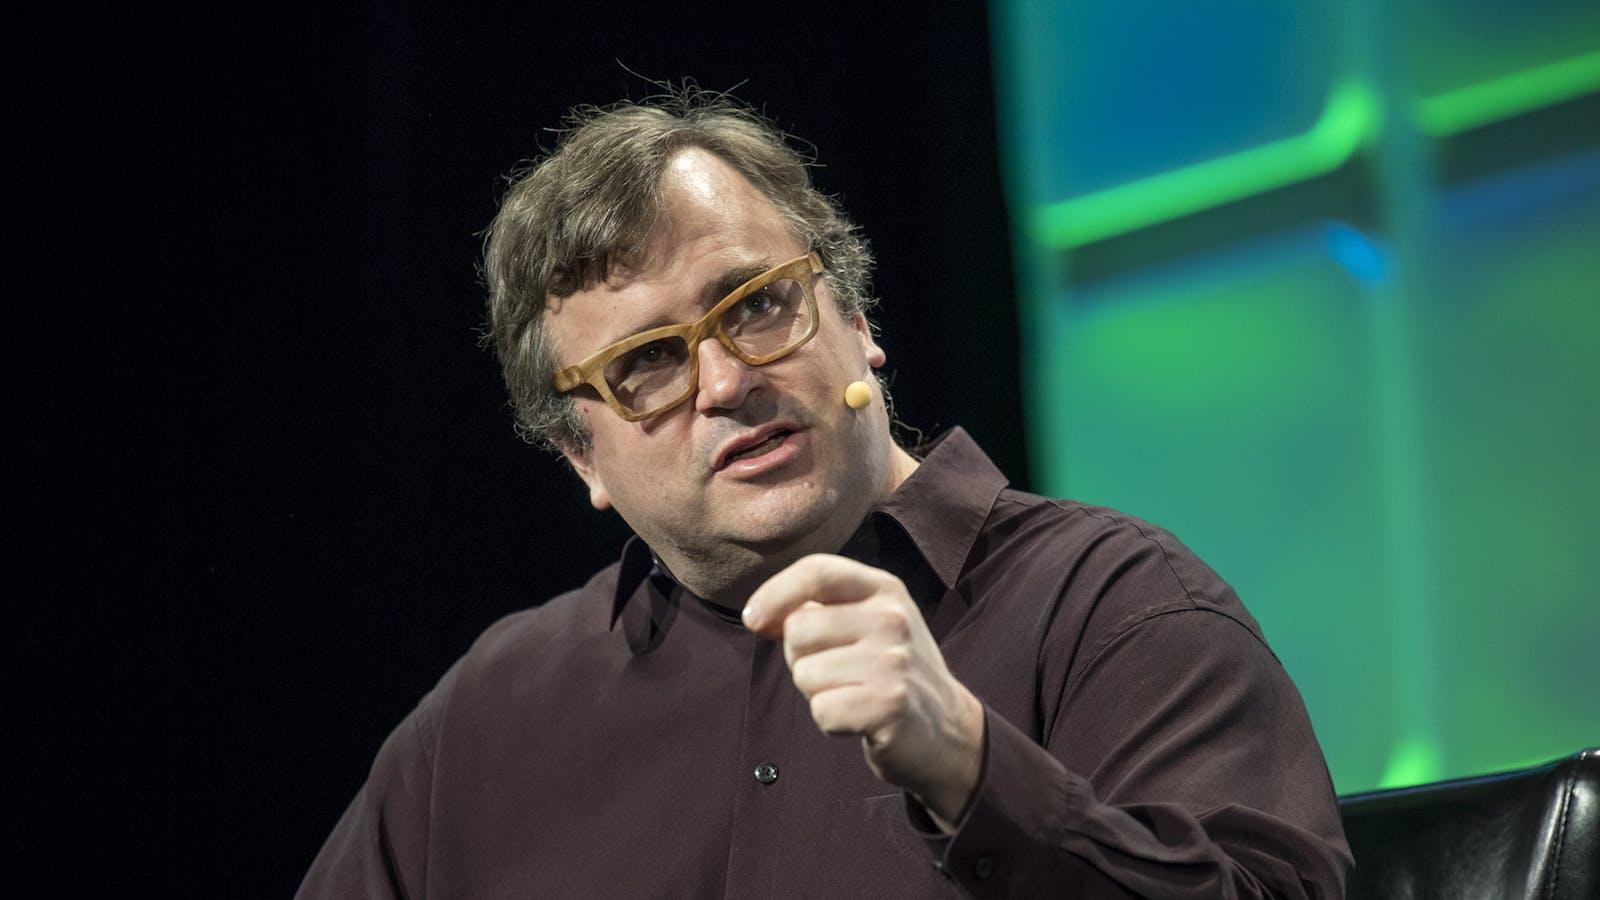 Reid Hoffman. Photo by Bloomberg.